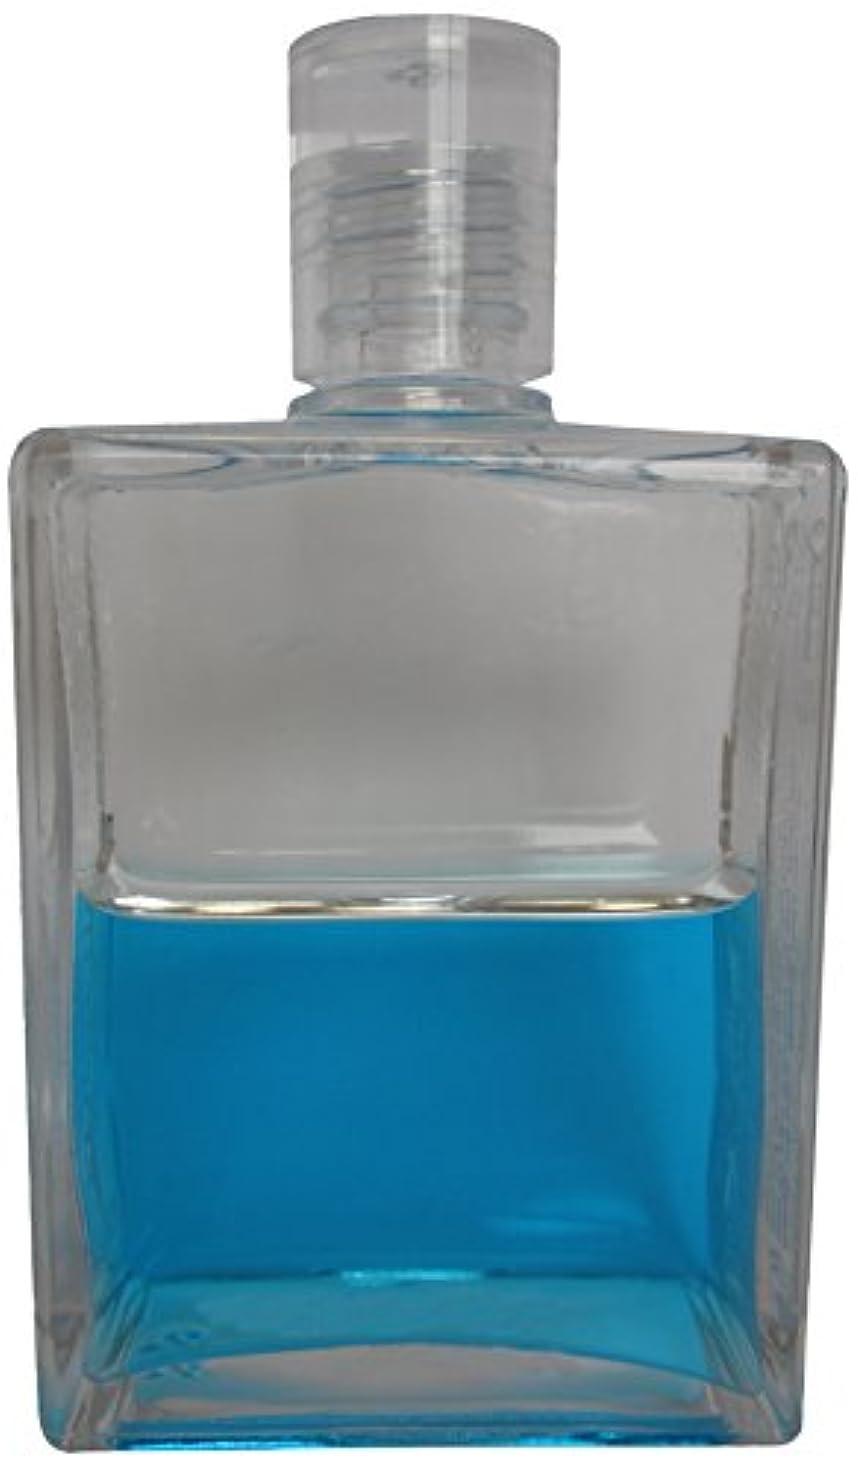 ペイント契約する重要なB86オベロン オーラーソーマ イクイリブリアムボトル